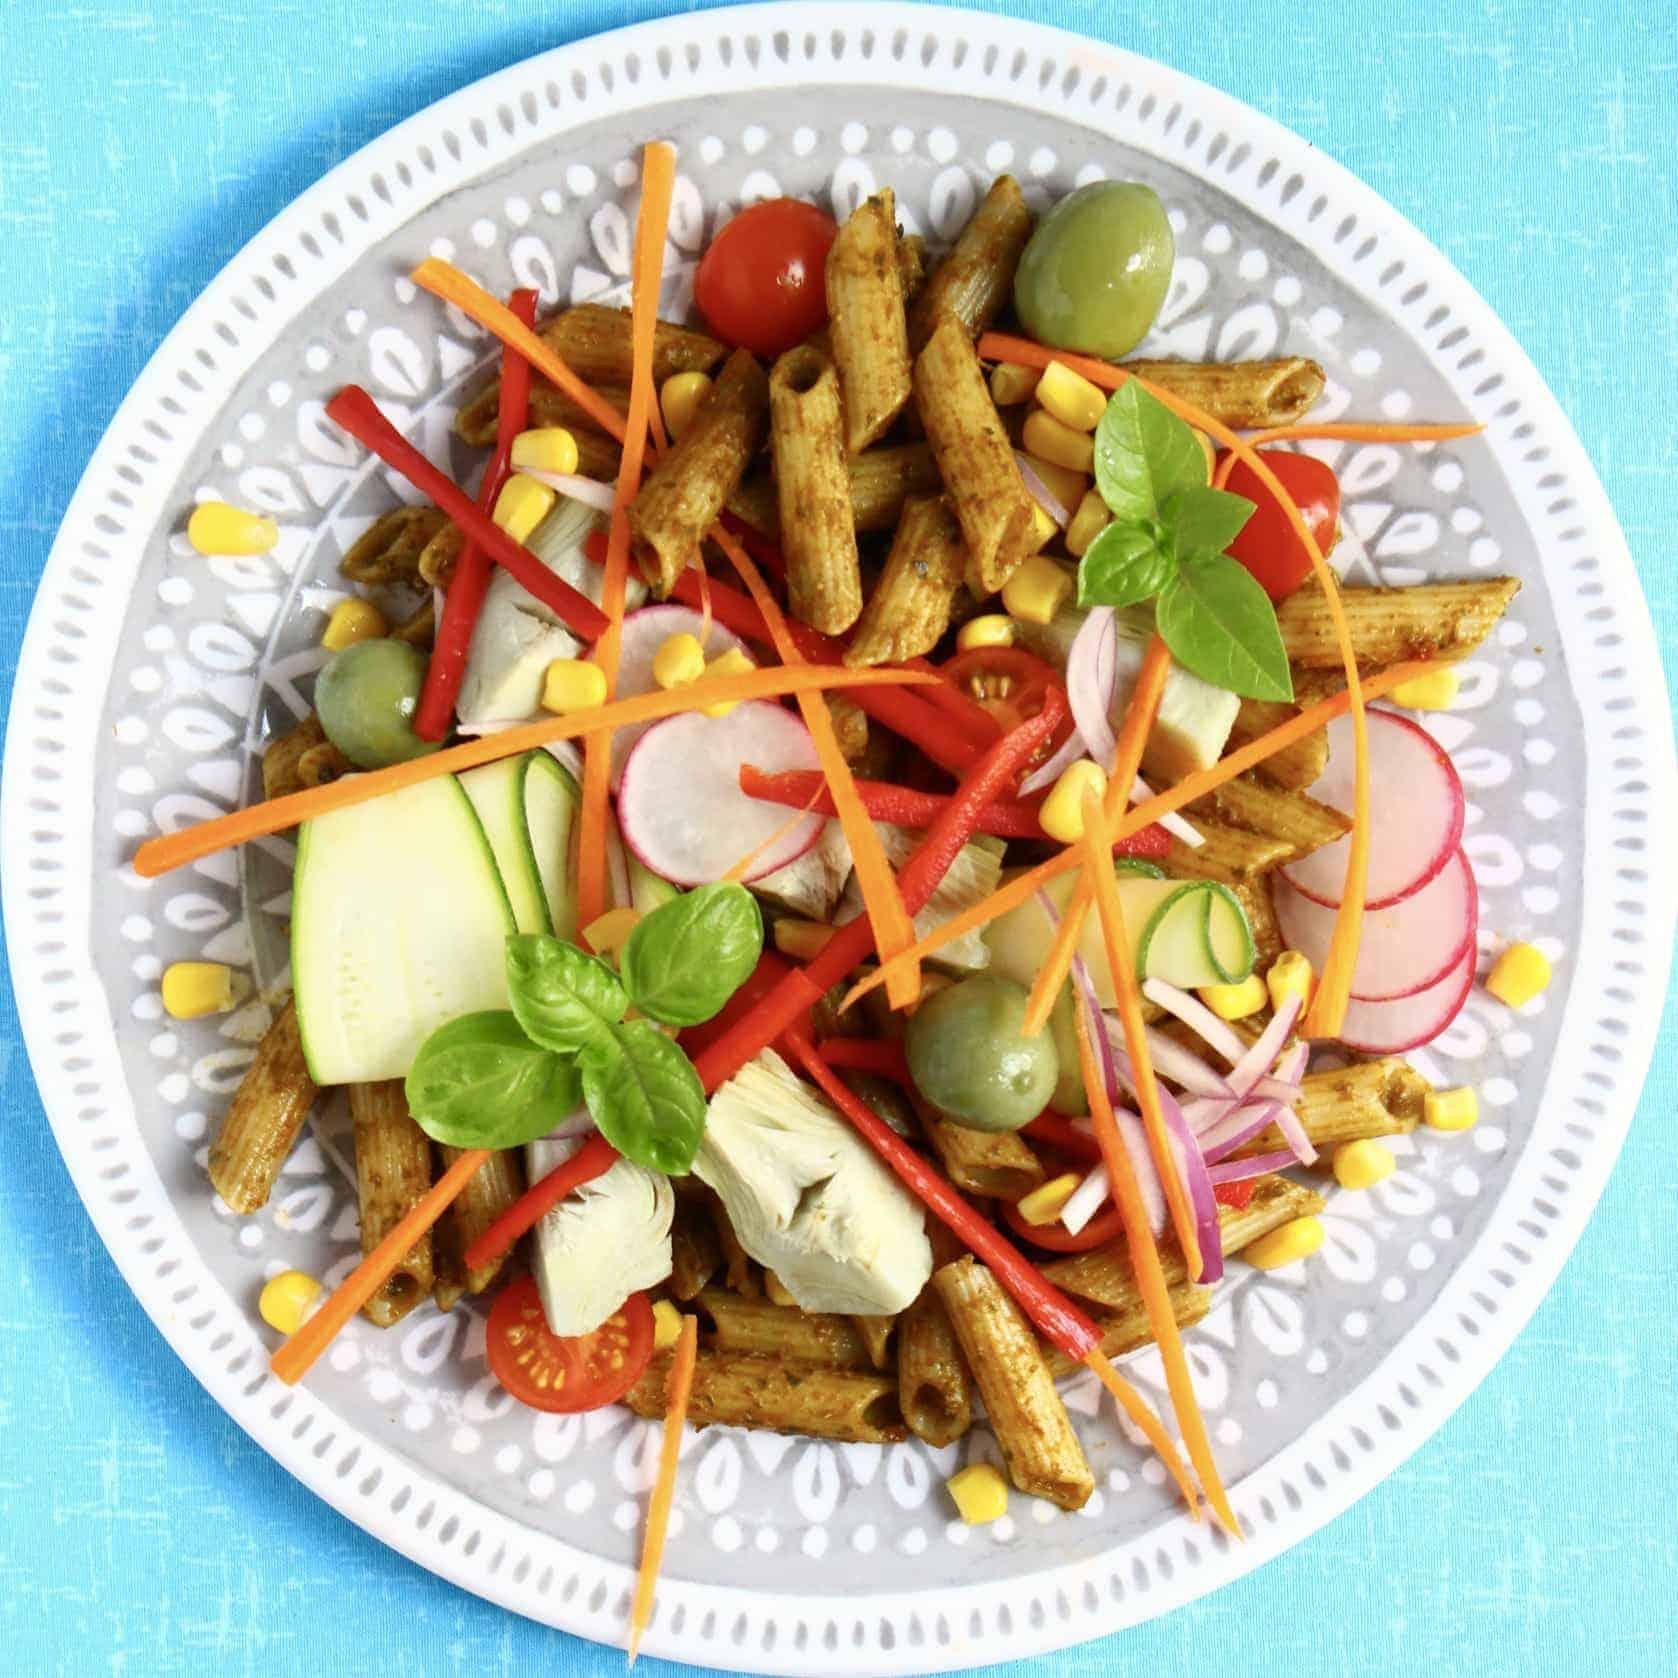 Vegan Sundried Tomato Pesto Pasta Salad (GF)